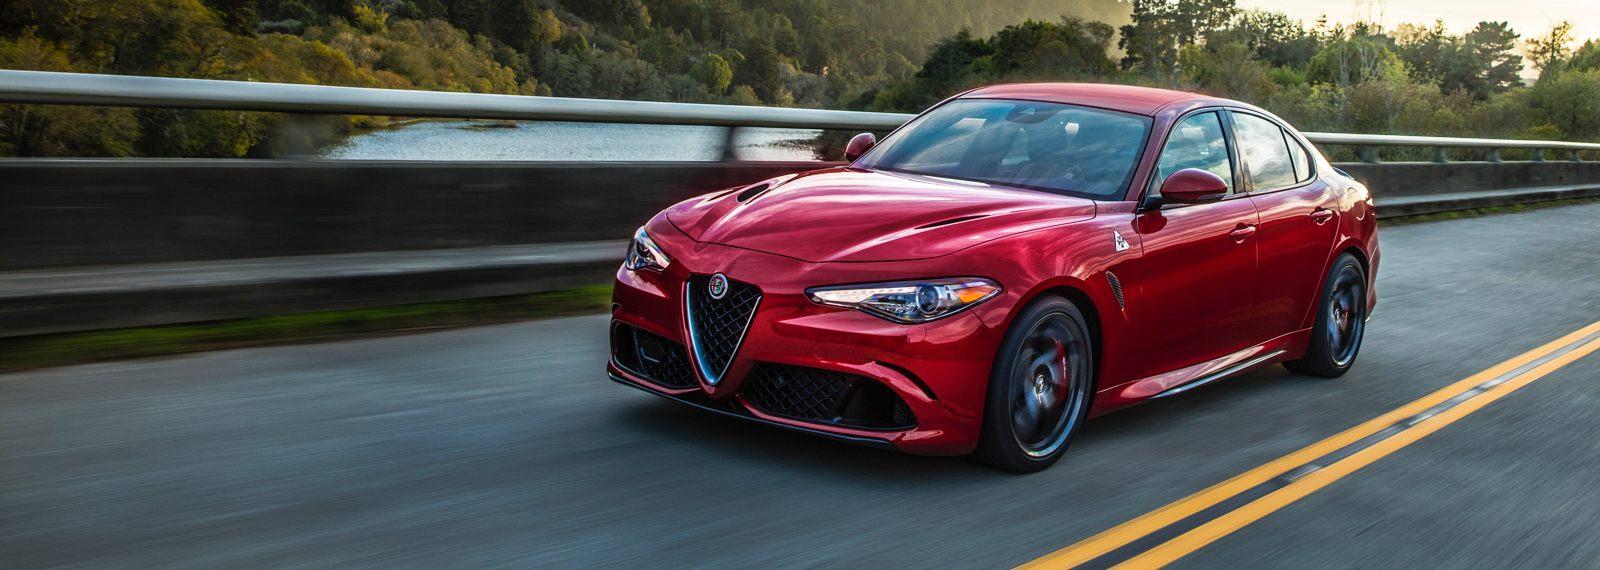 Alfa Romeo sfonda in USA: 2.240 vendite ad agosto, +96%